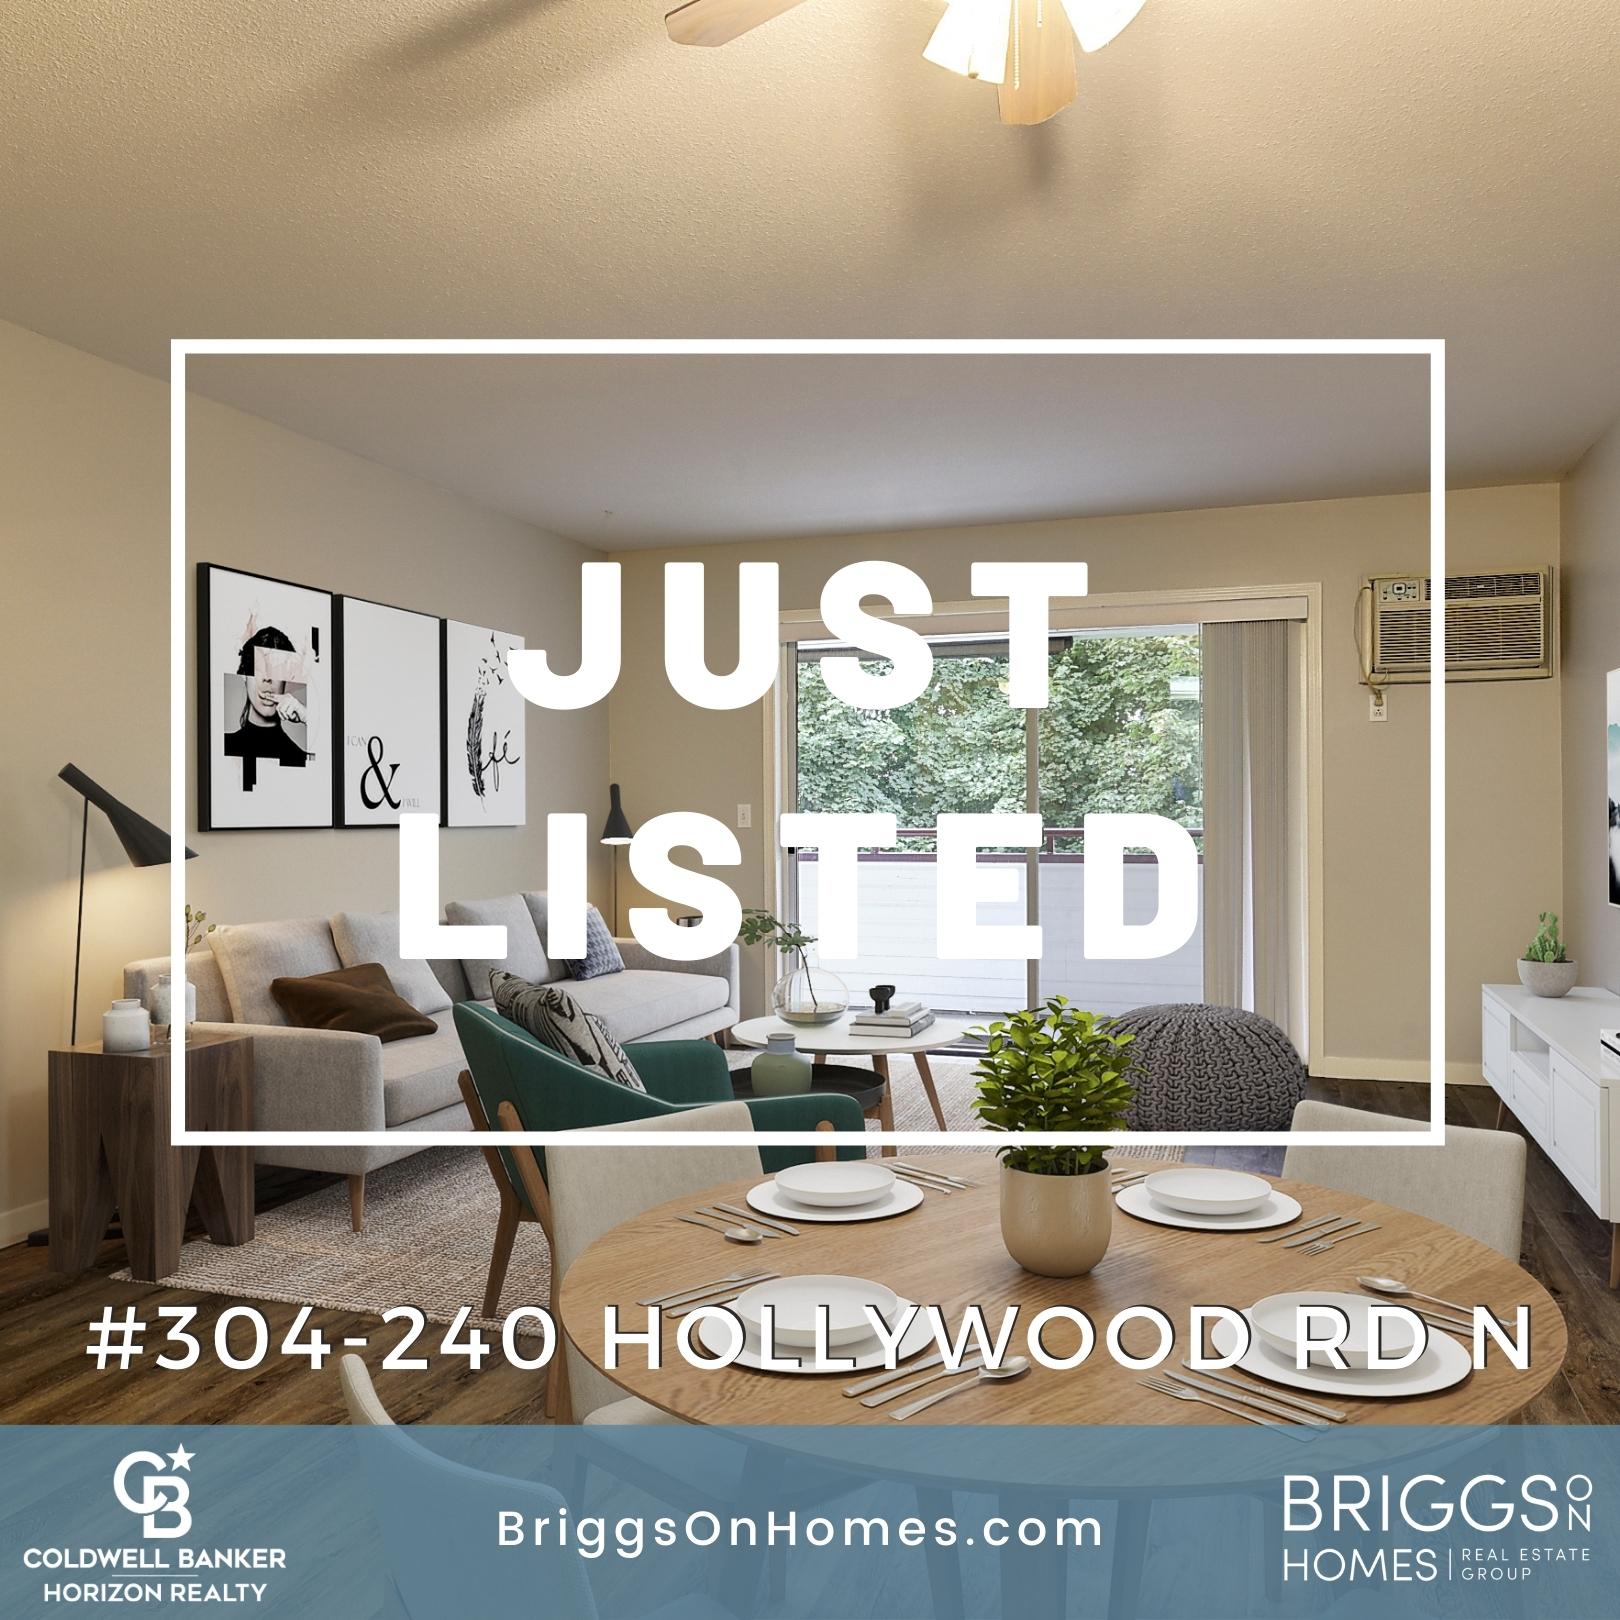 #304-240 Hollywood Road N